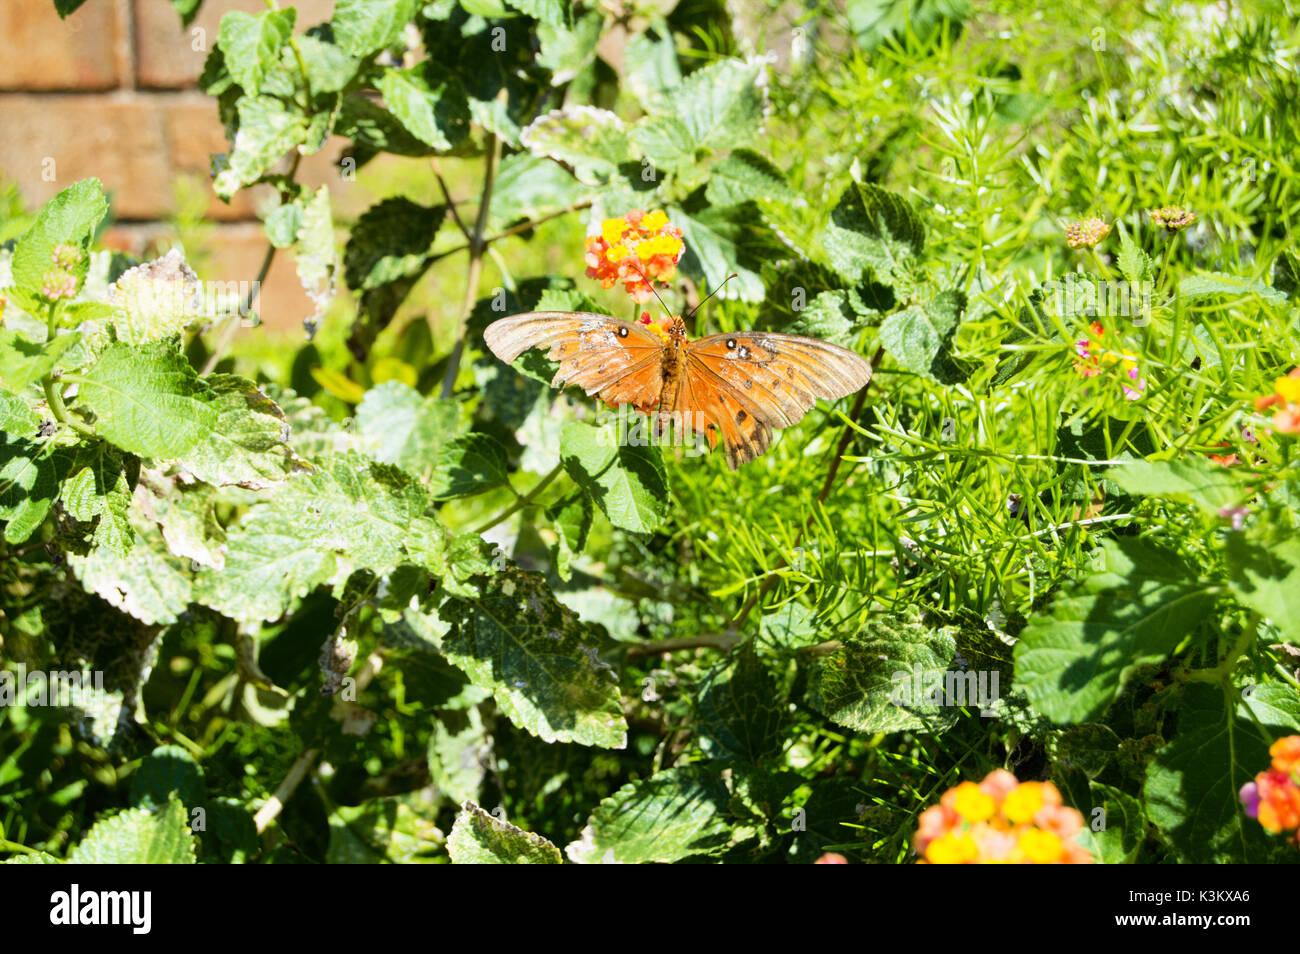 El dolor de la reina aterrizó en una mariposa multicolor de lantana. Foto de stock